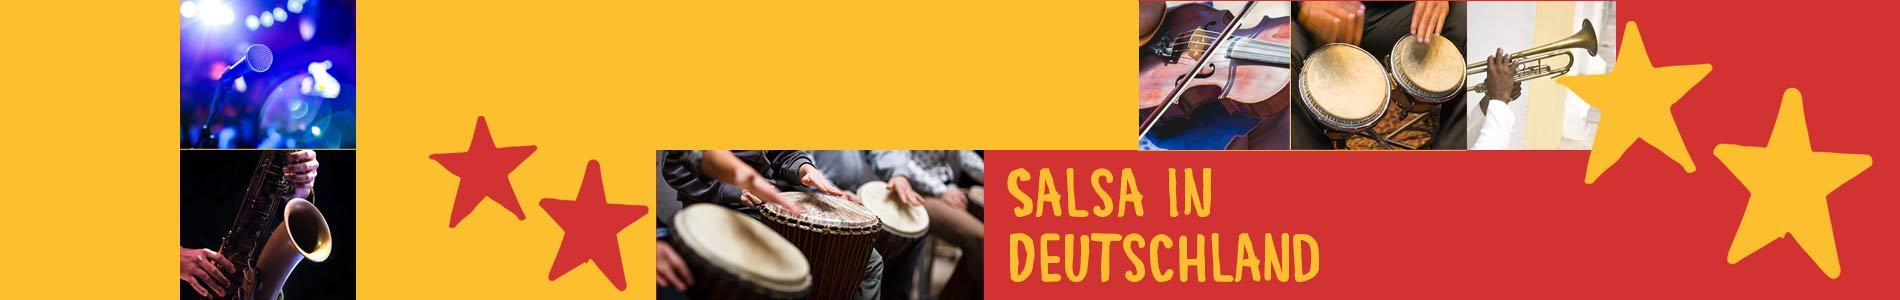 Salsa in Burgau – Salsa lernen und tanzen, Tanzkurse, Partys, Veranstaltungen